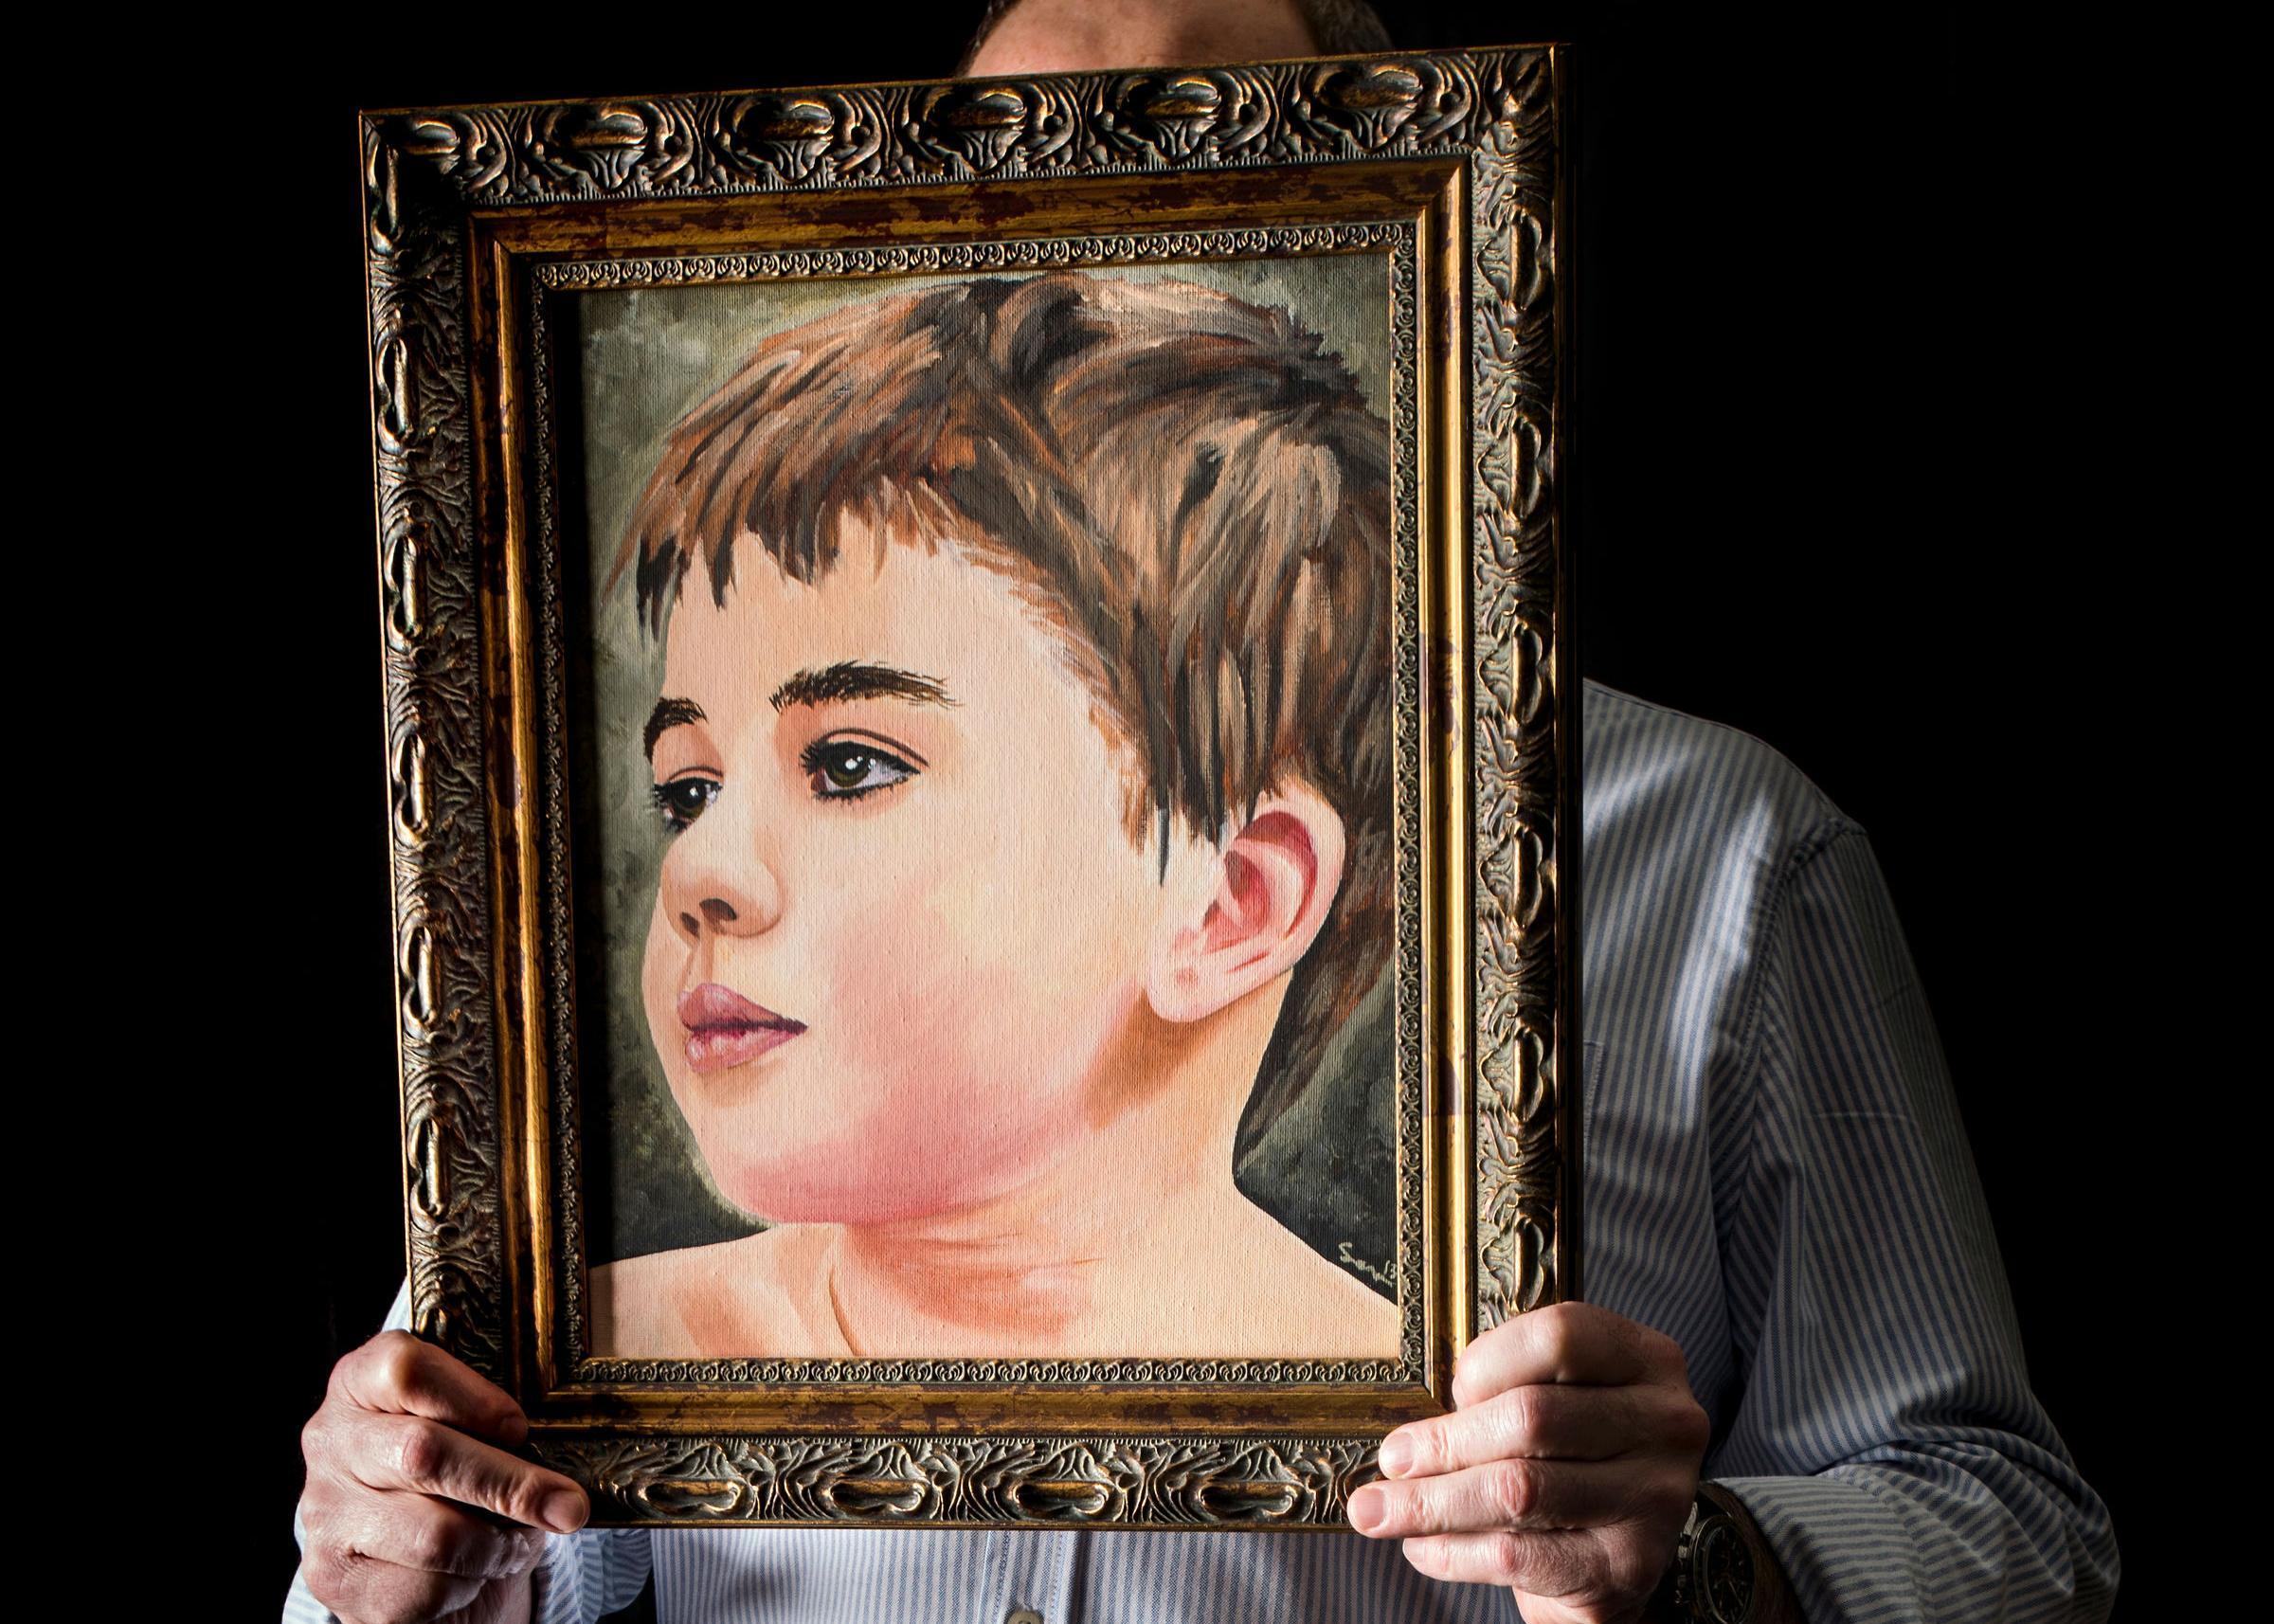 Father of Sandy Hook massacre victim wins defamation lawsuit